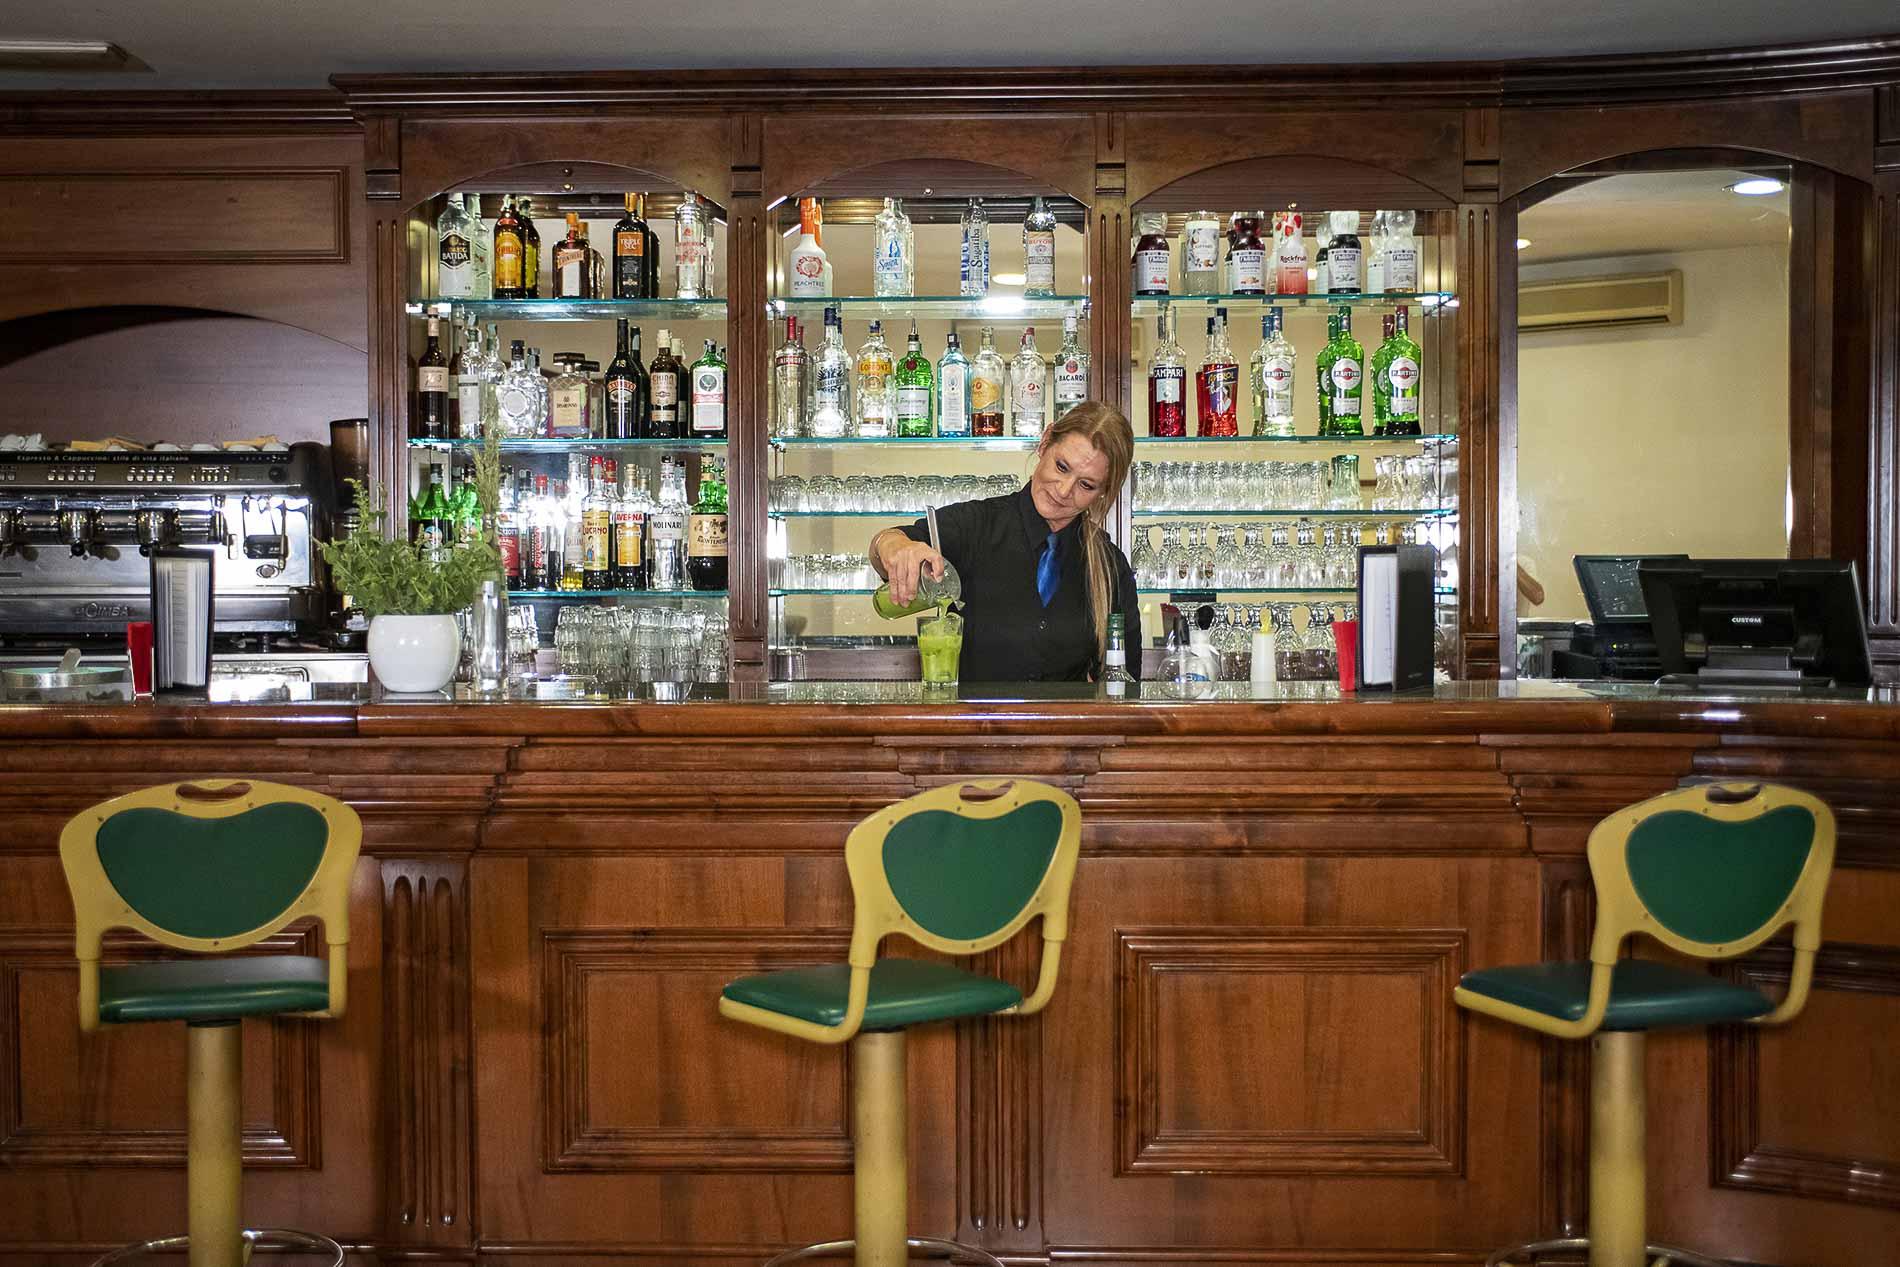 Pupluna Lounge bar